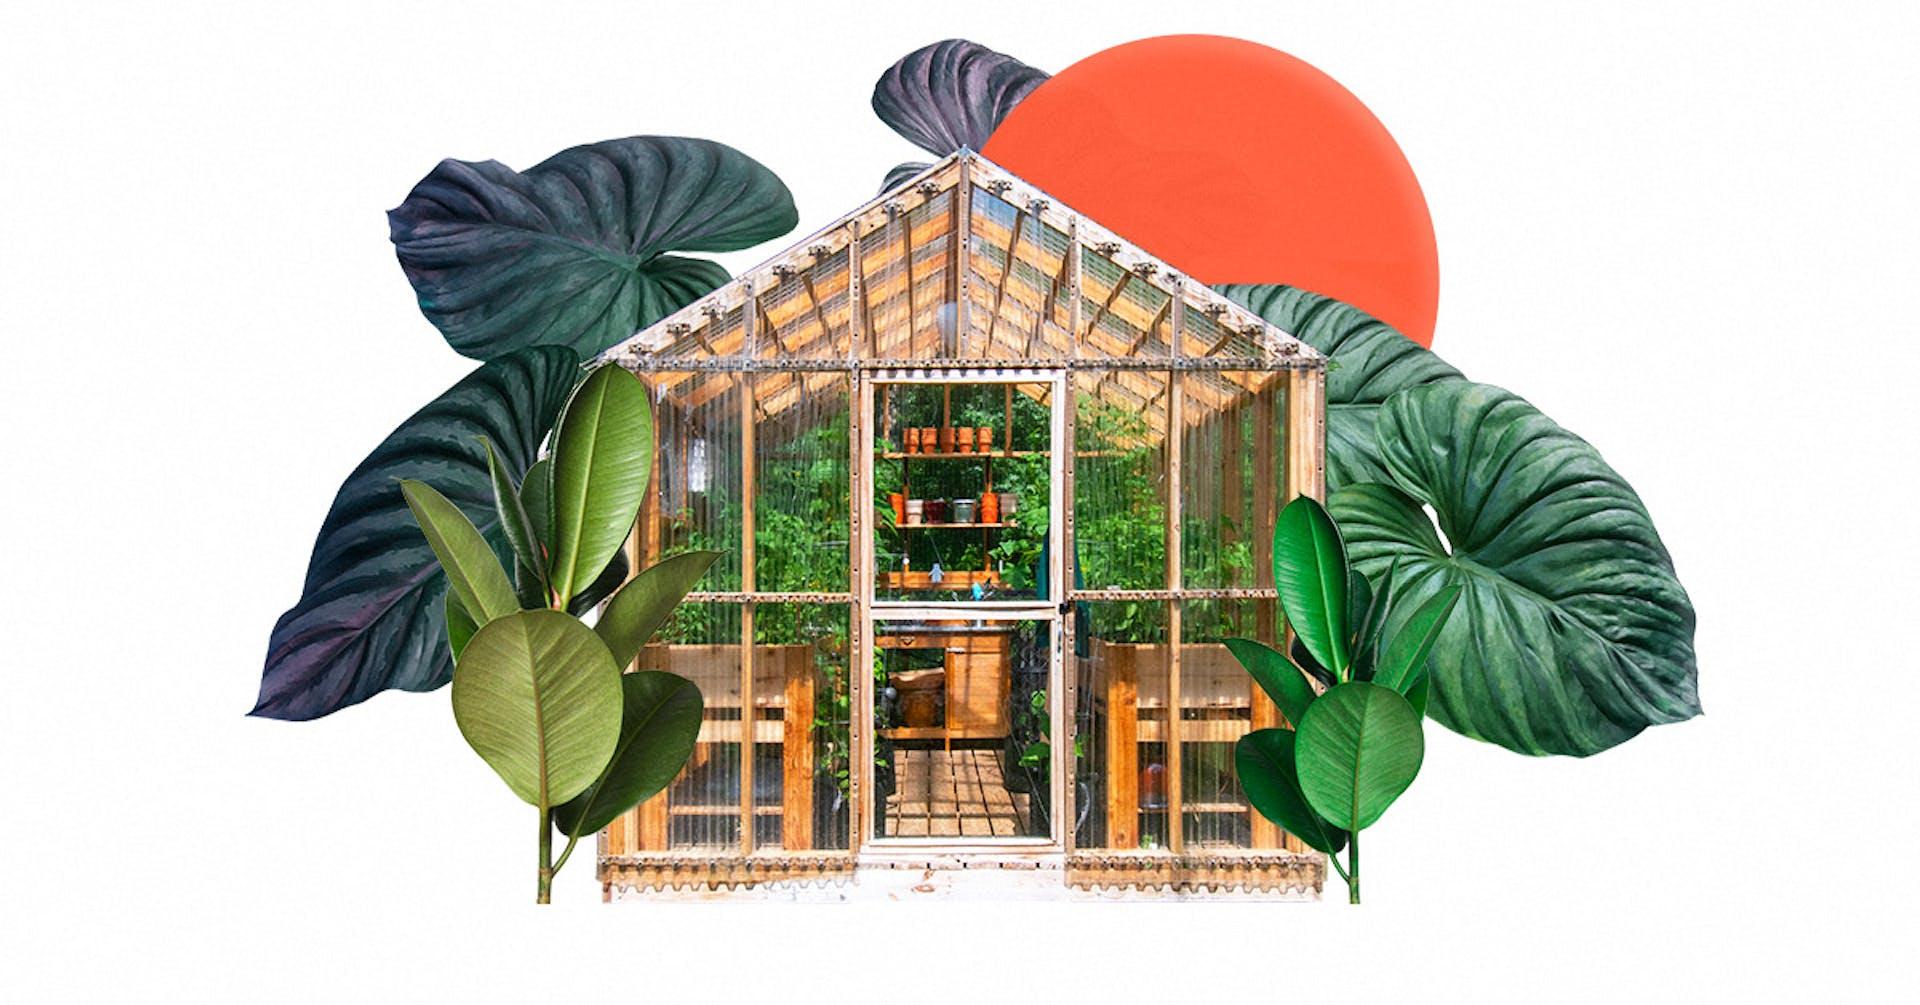 Descubre los materiales para hacer un invernadero casero económico y sencillo